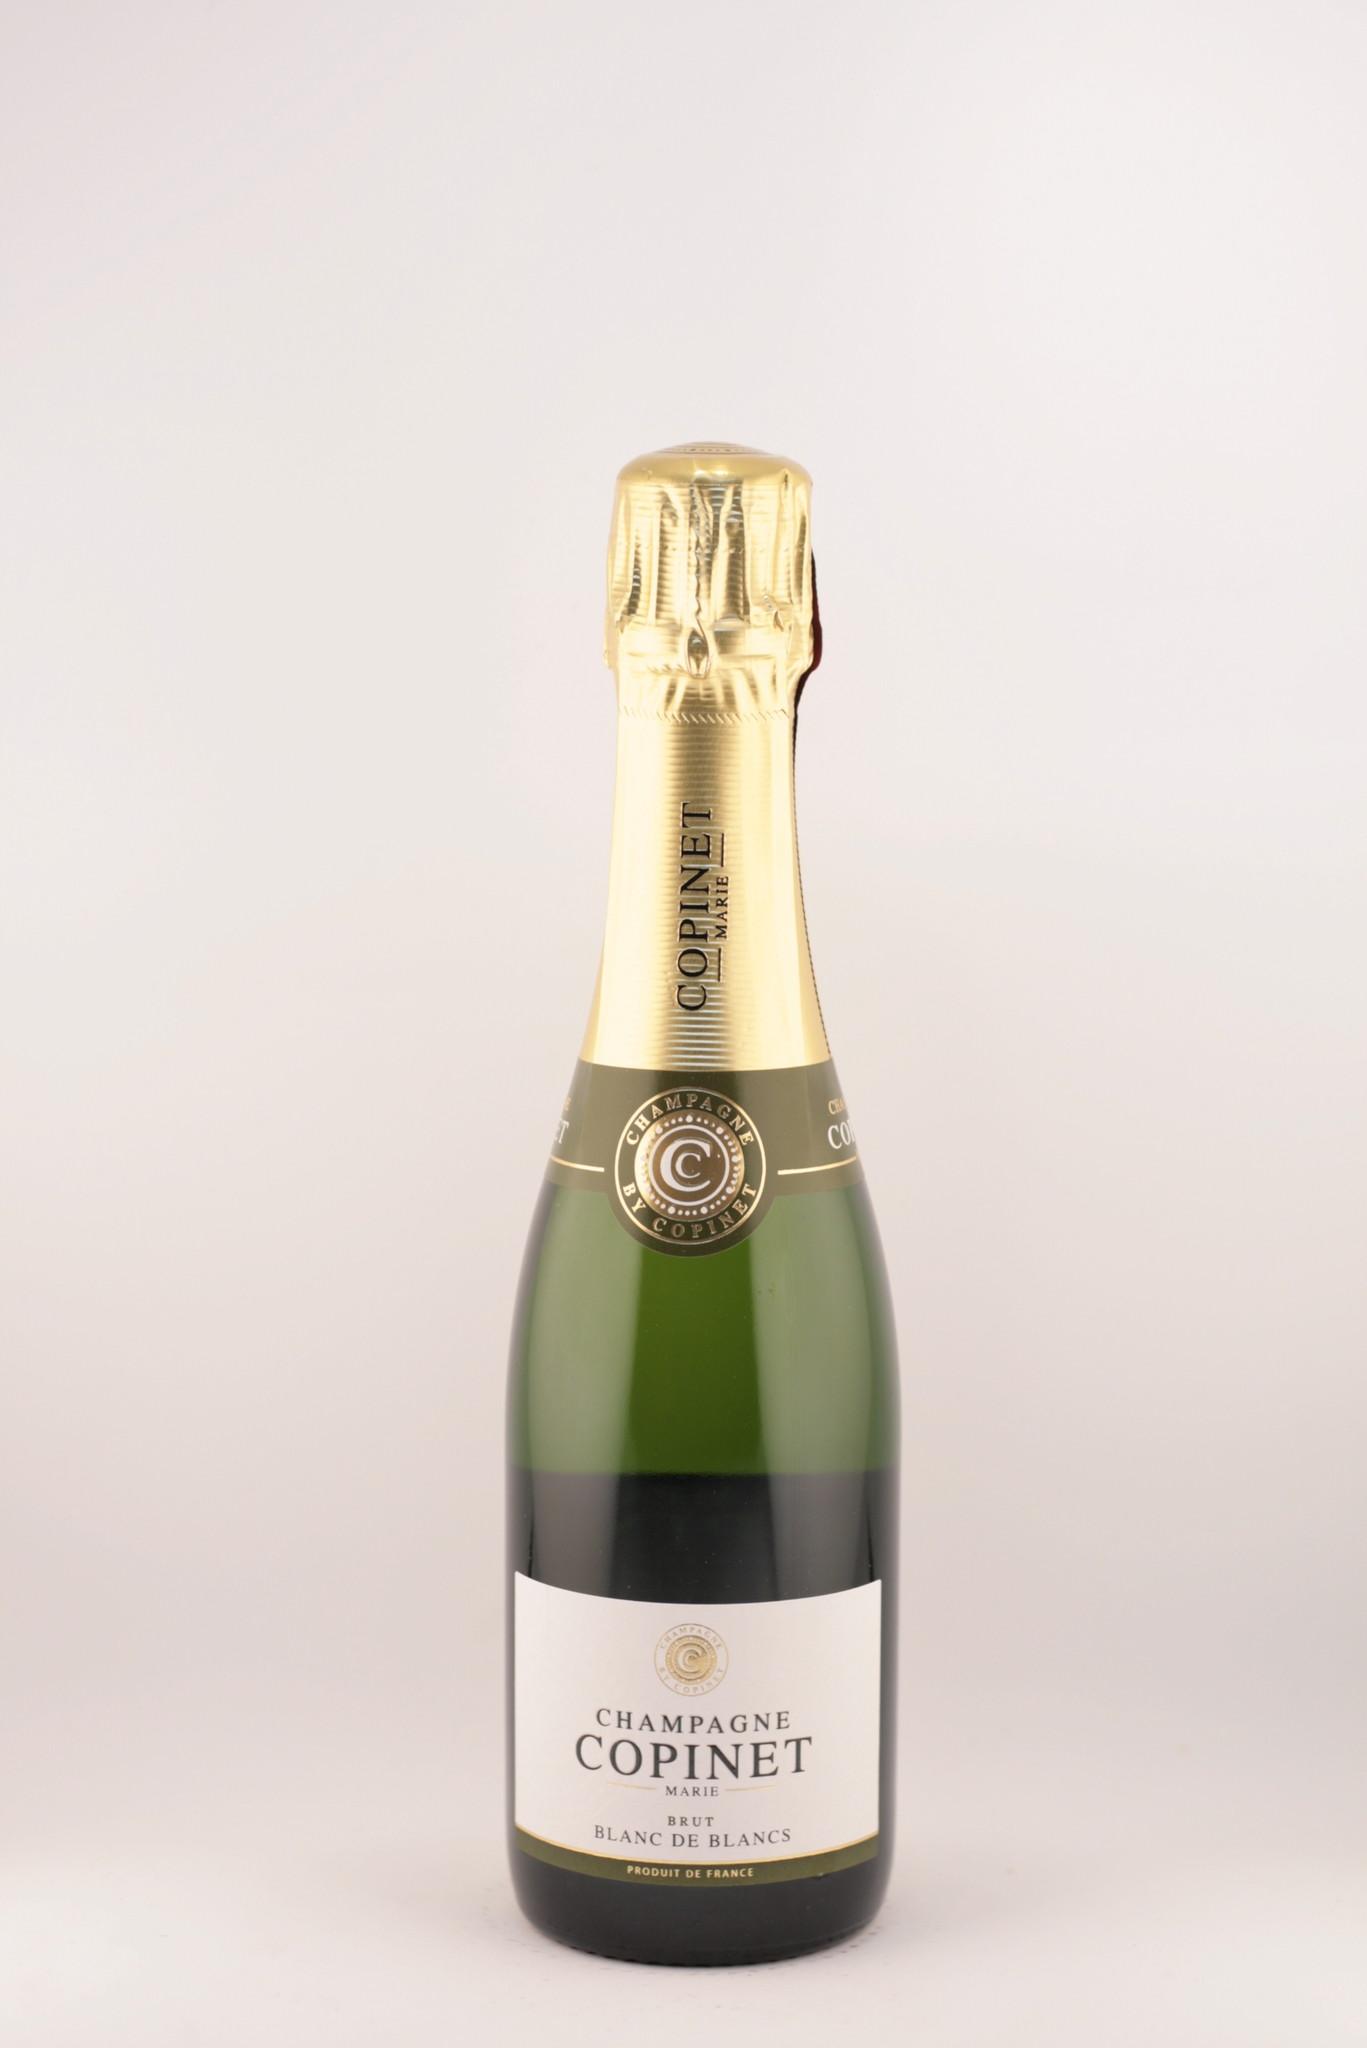 Champagne |Marie Copinet | Blanc de Blanc |Demi-Bouteille